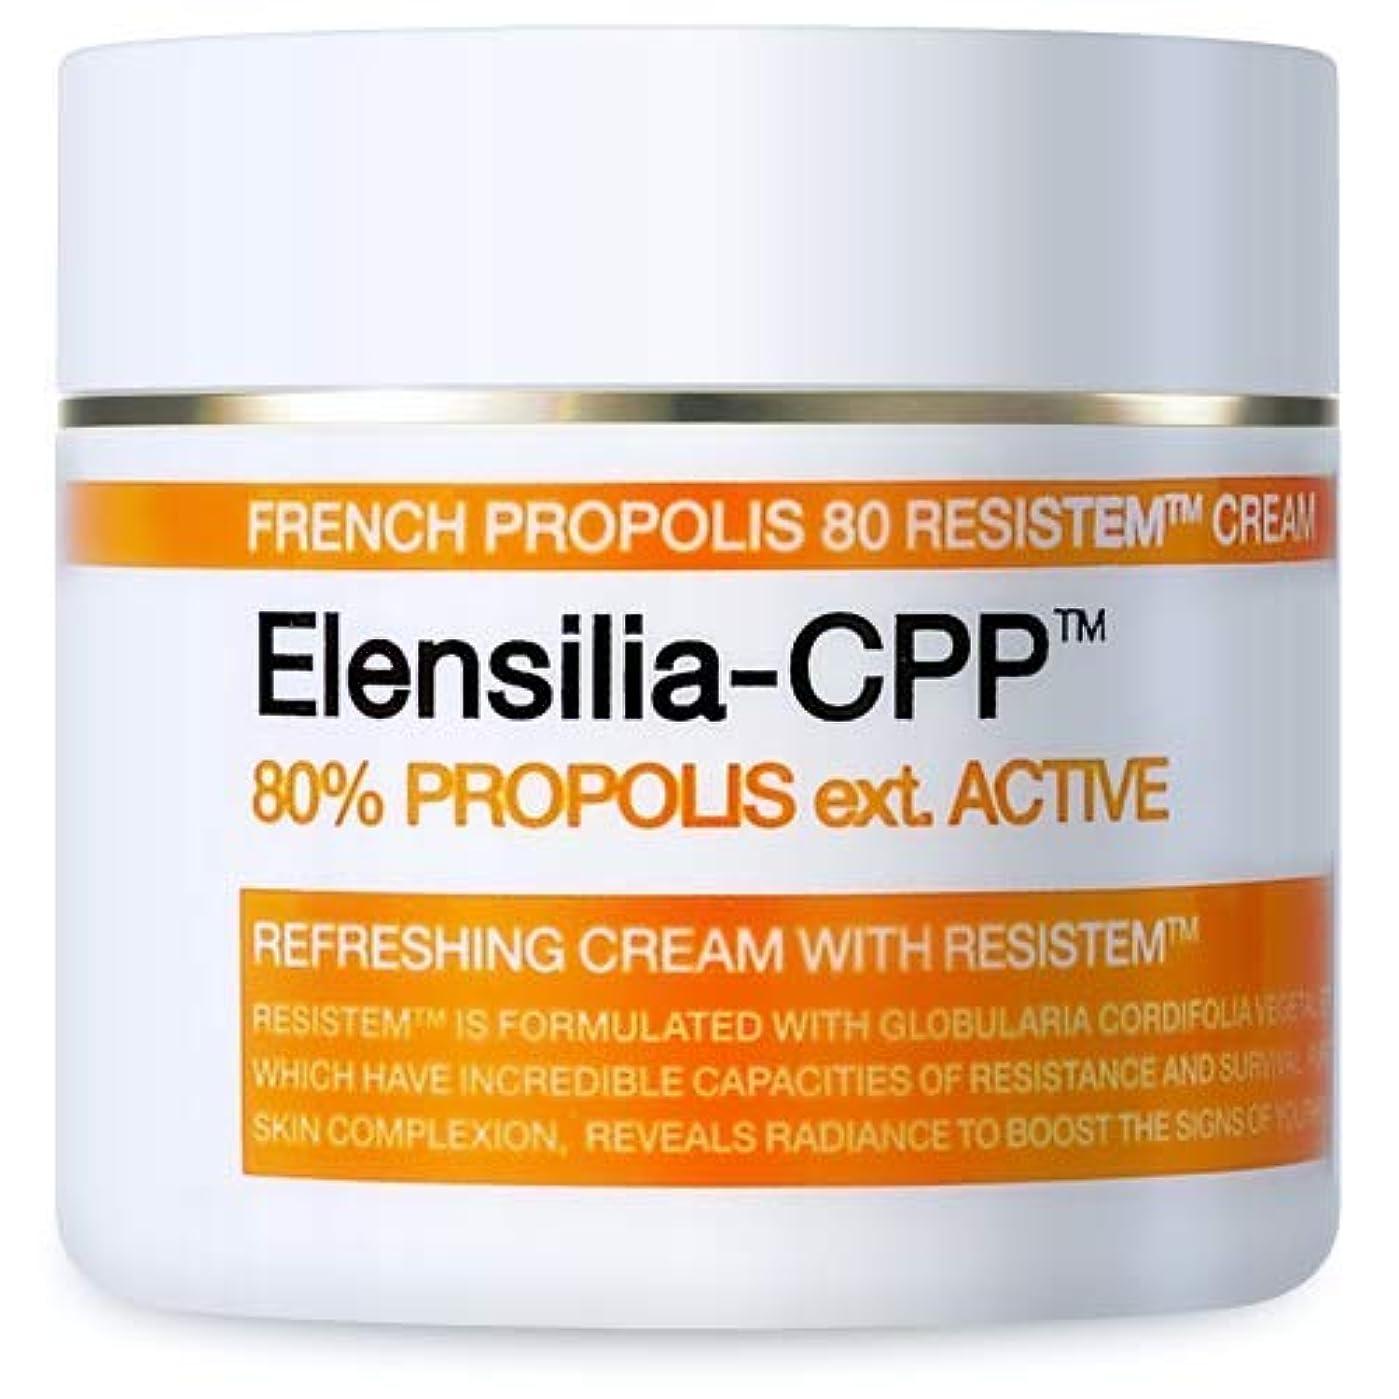 勇気のあるふつうたっぷりElensilia CPP フレンチ プロポリス 80 リシステム クリーム / CPP French Propolis 80 Resistem Cream (50g) [並行輸入品]